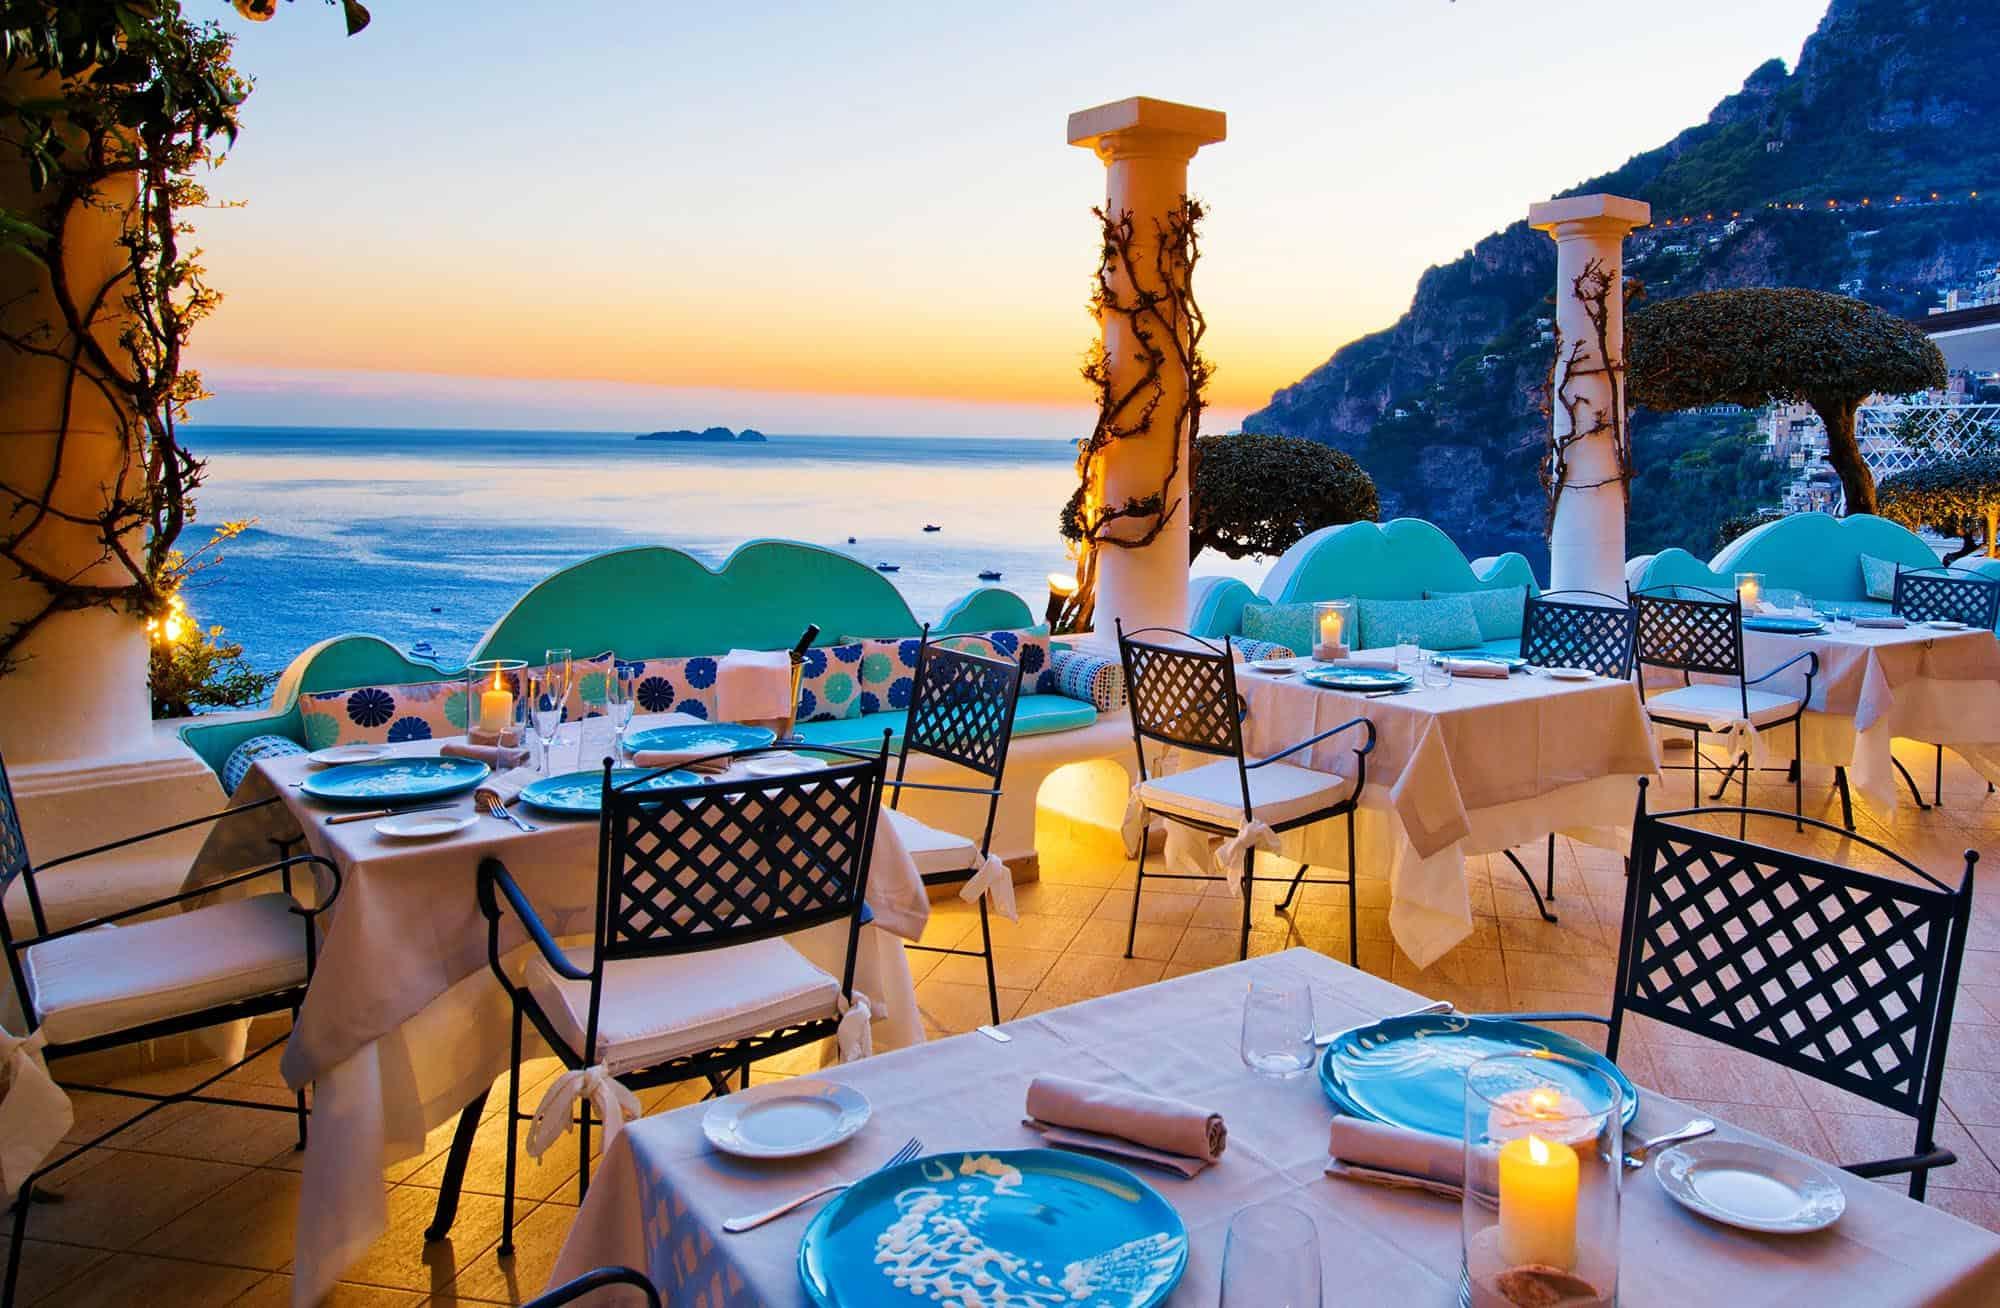 Ristorante La Sponda restaurant